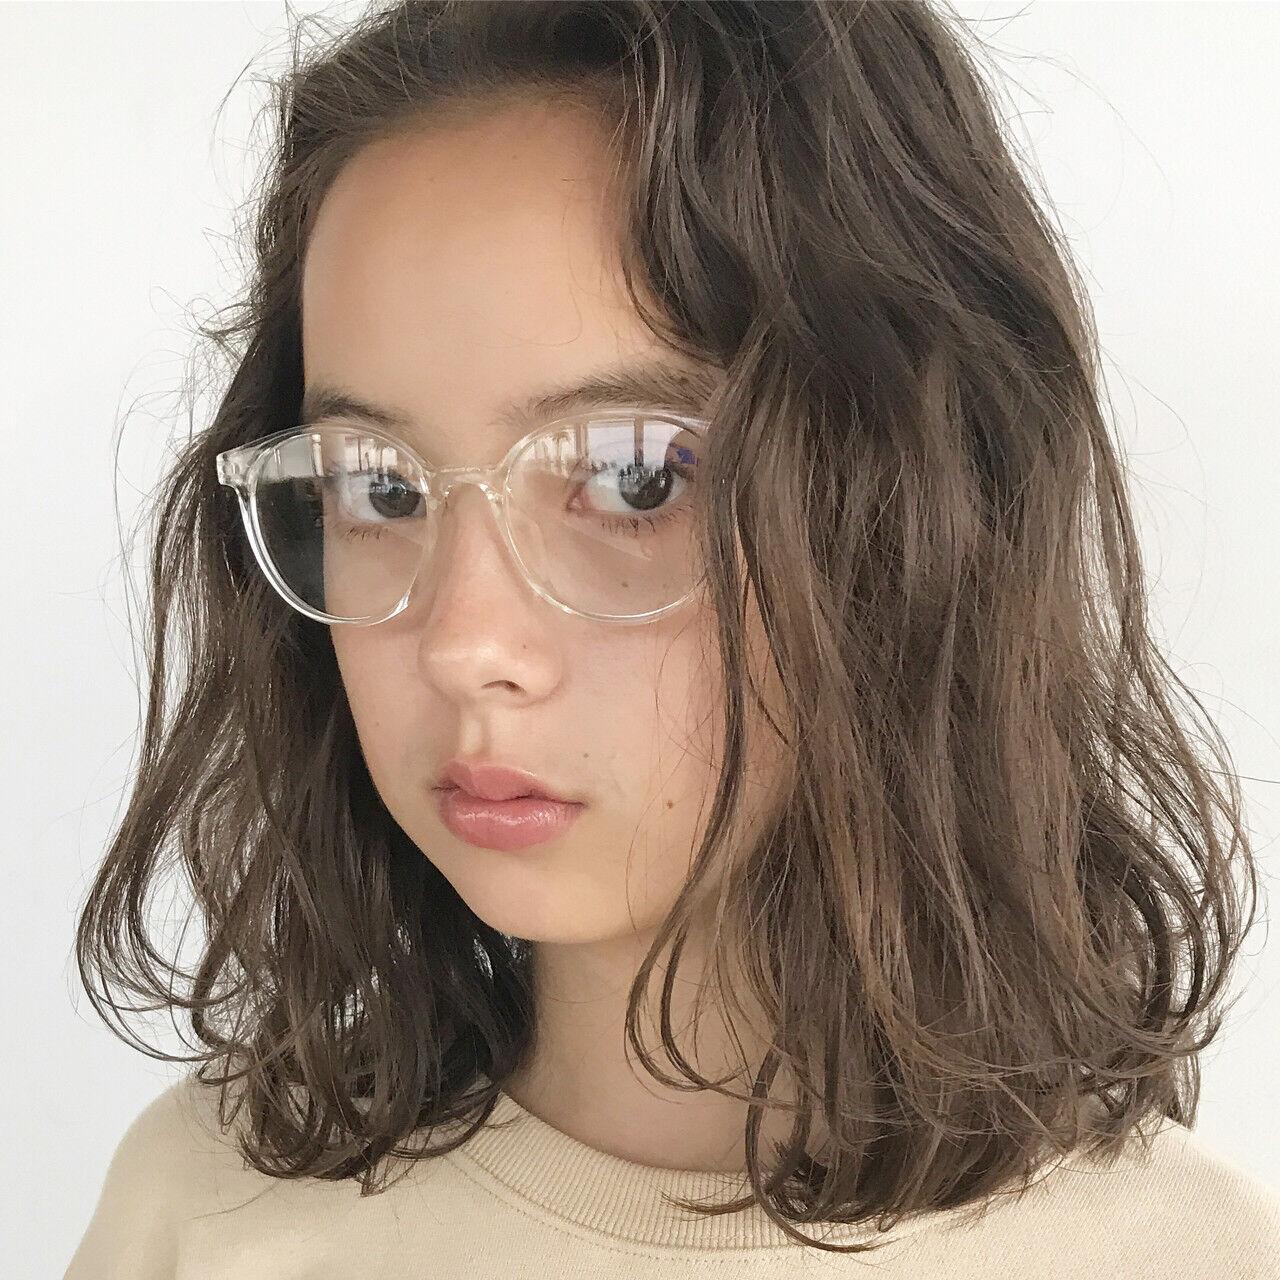 ミディアム ベージュ ナチュラル パーマヘアスタイルや髪型の写真・画像